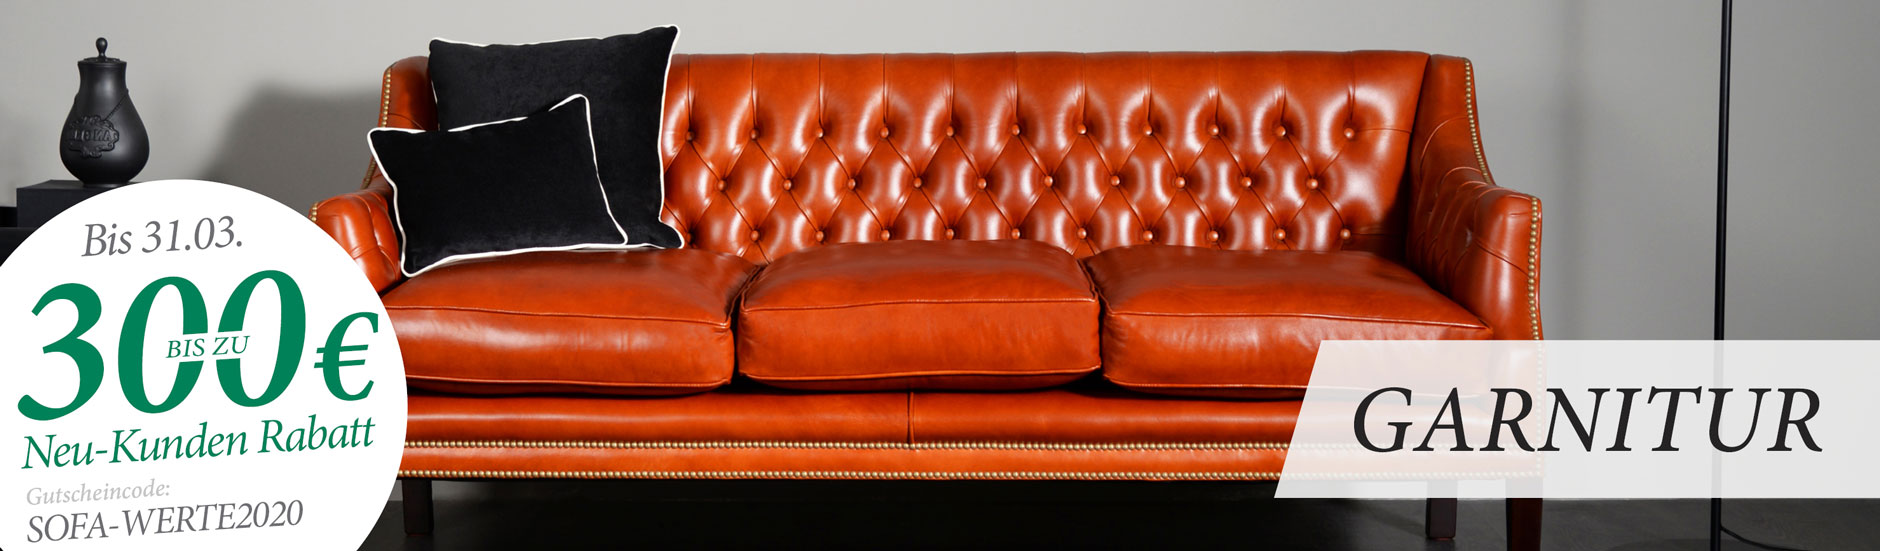 Full Size of Chesterfield Garnitur Original Englische Garnituren Boxspring Sofa Mit Schlaffunktion 3 Sitzer Grau Große Kissen Togo Dauerschläfer Relaxfunktion Xxxl 2 Sofa Sofa Englisch